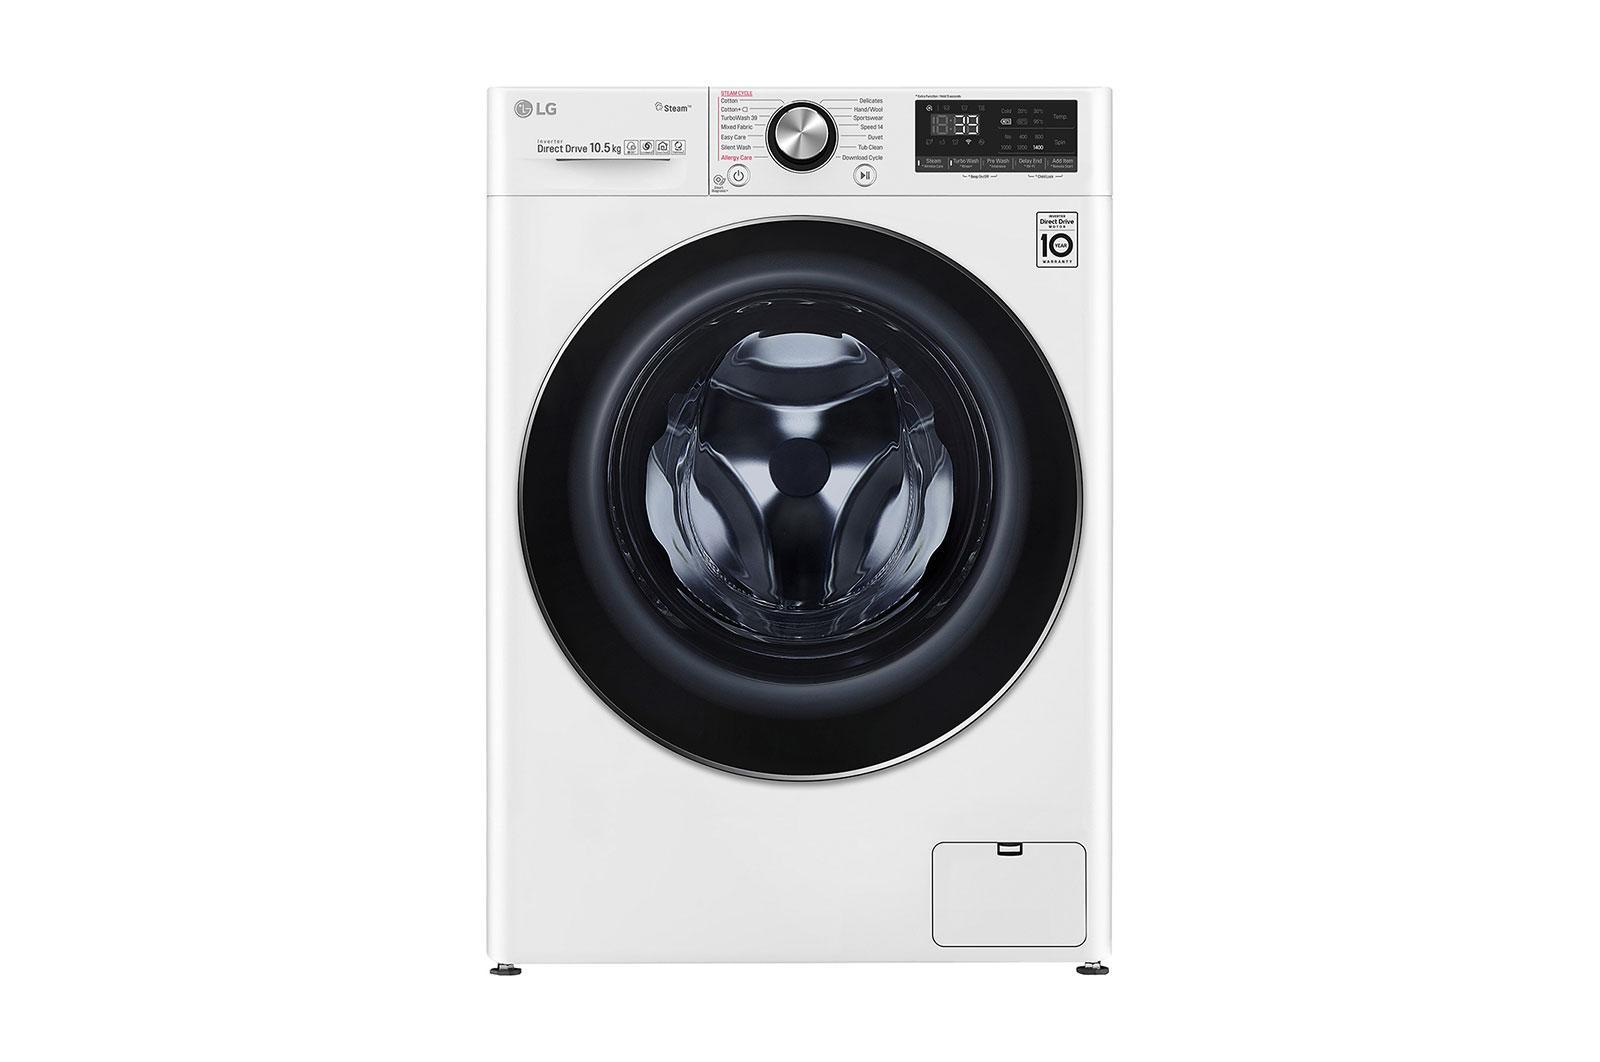 Πλυντήριο Ρούχων 10.5kg Ατμού, TurboWash™360˚, AI DD™ - F4WV910P2 main image